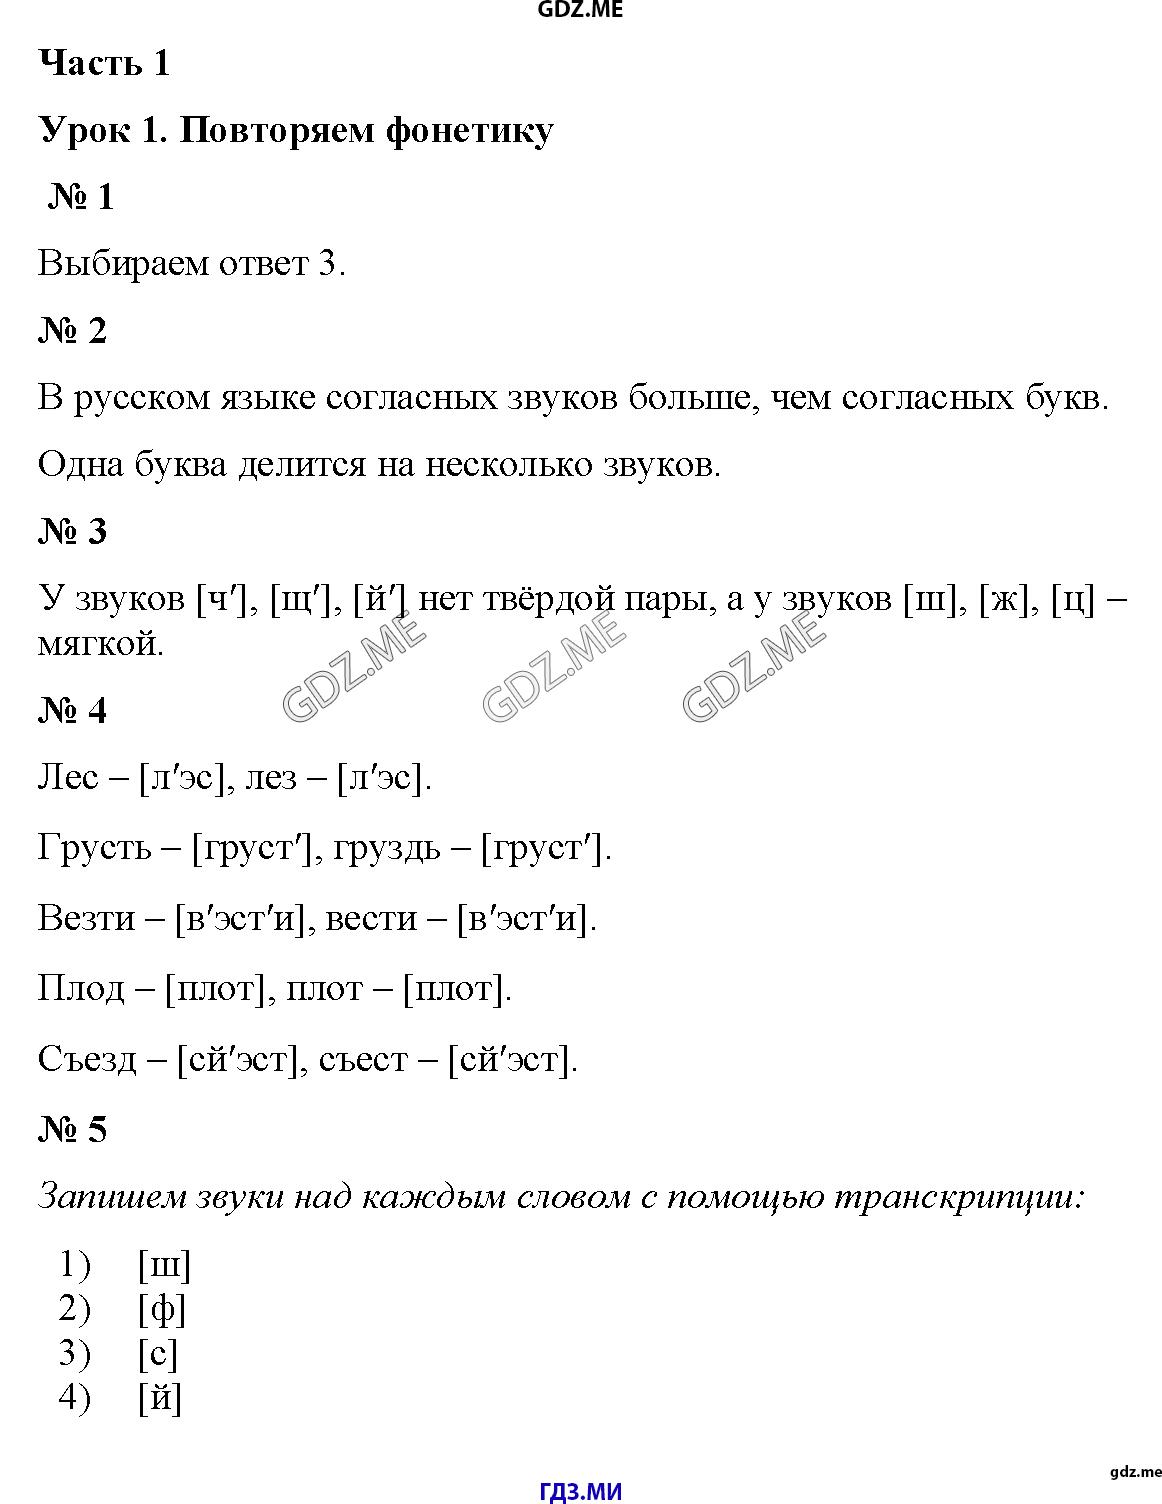 гдз по русскому языку 2 класс иванов евдокимова кузнецова 1 часть онлайн